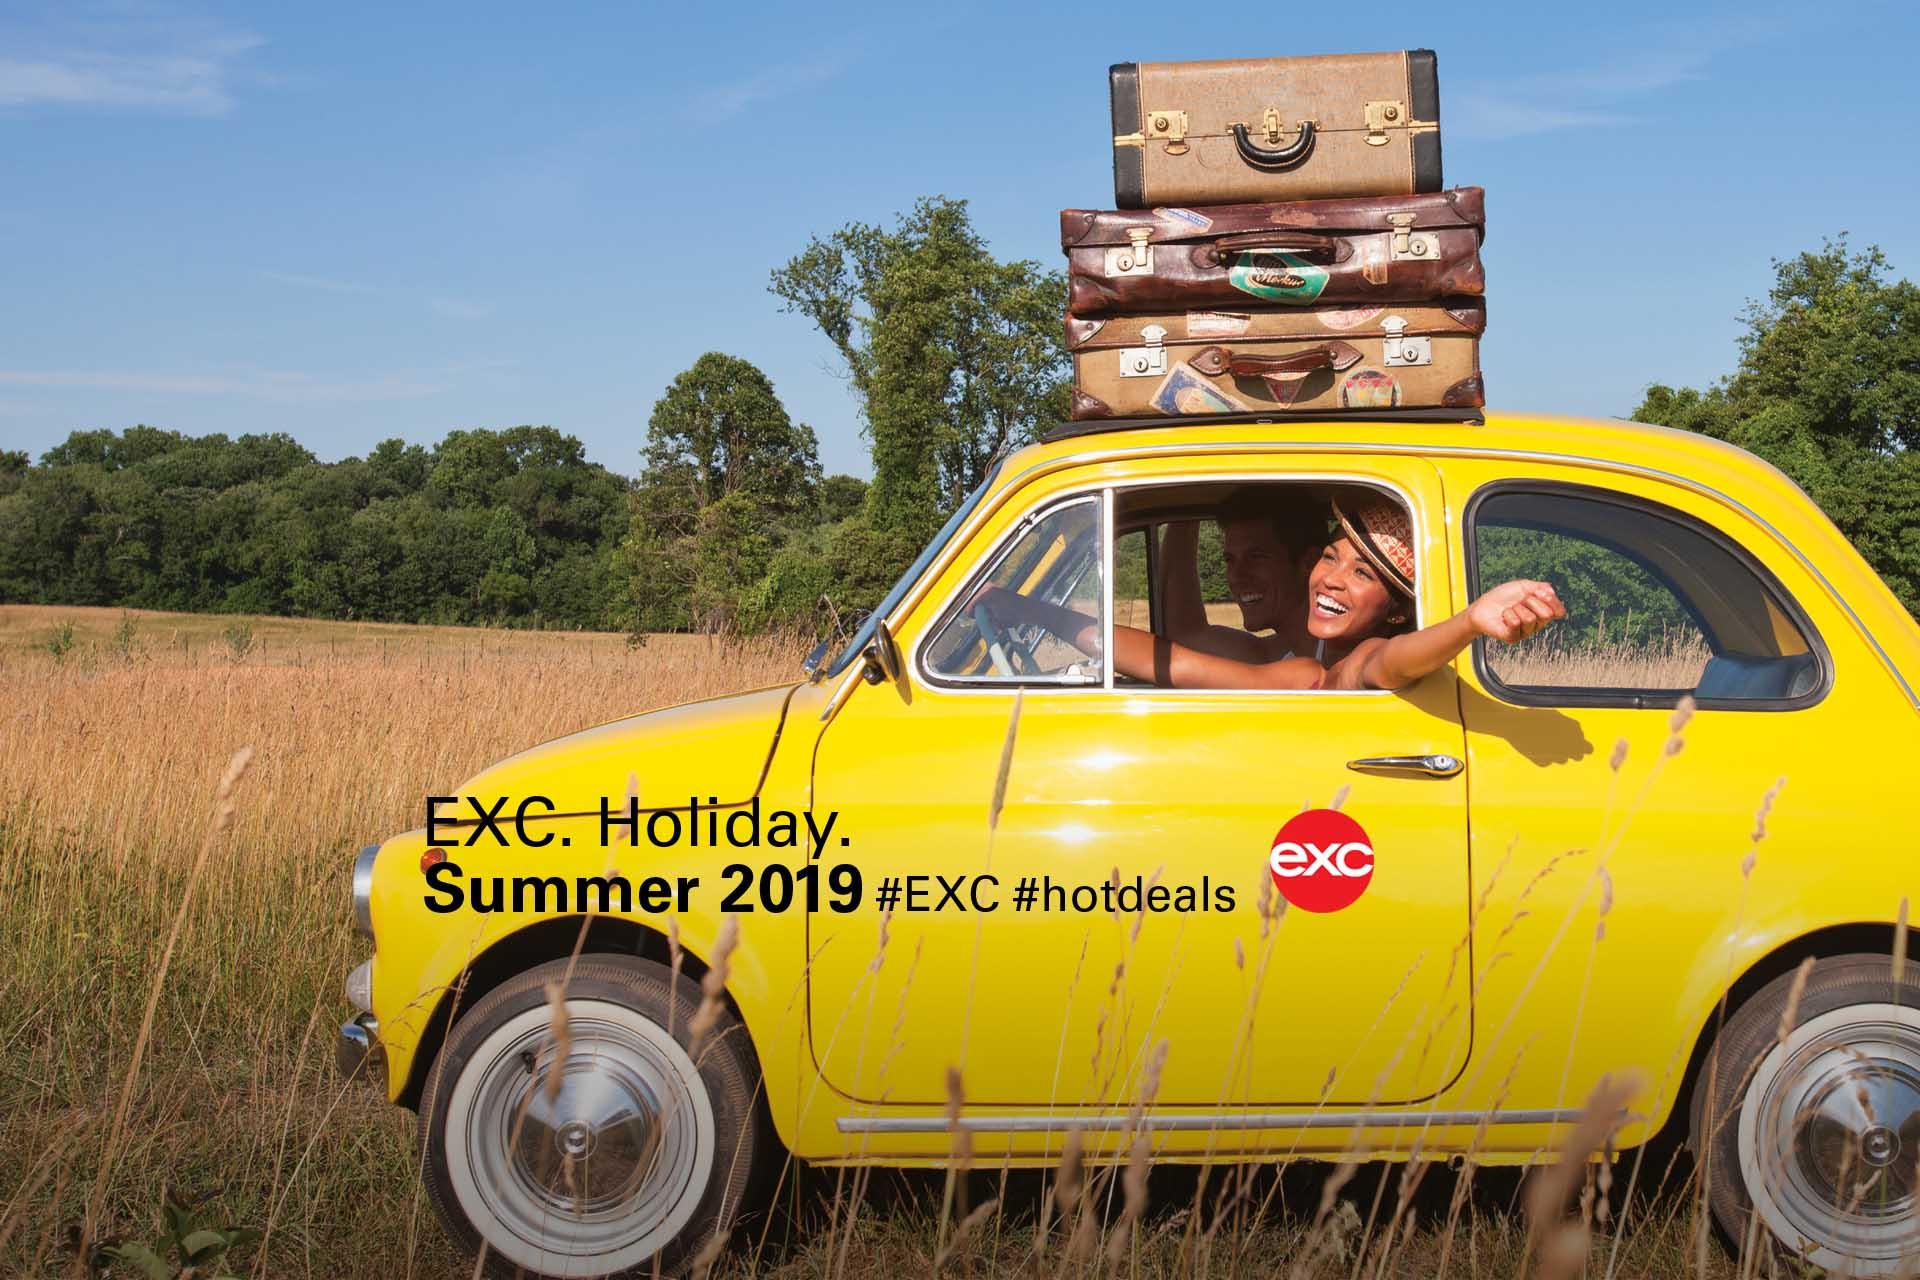 #Holiday #Summer 2019 #yellow #car